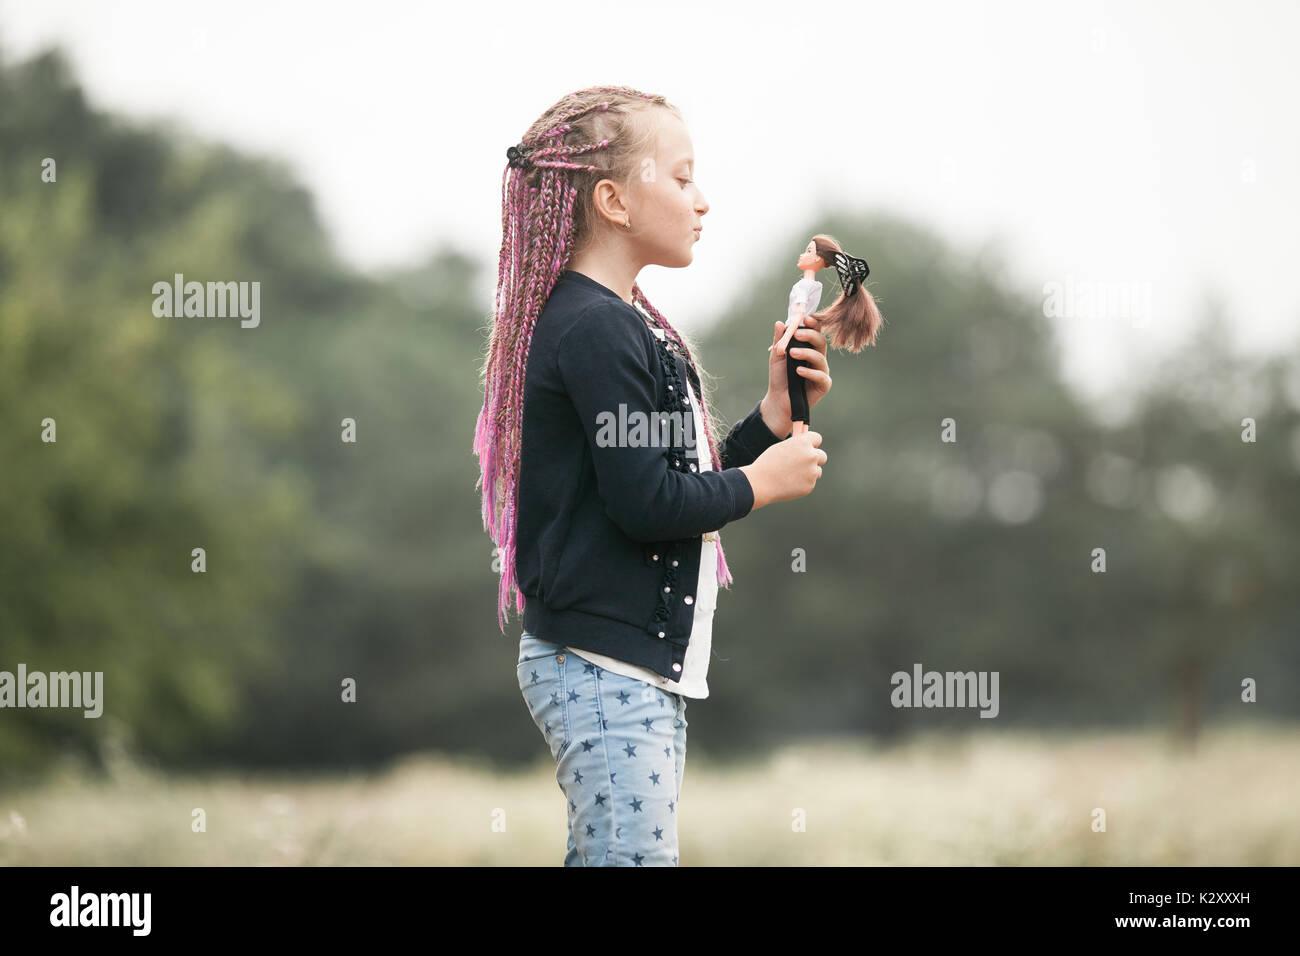 Enfant fille avec des tresses joue avec sa poupée sur marche. Photo Stock